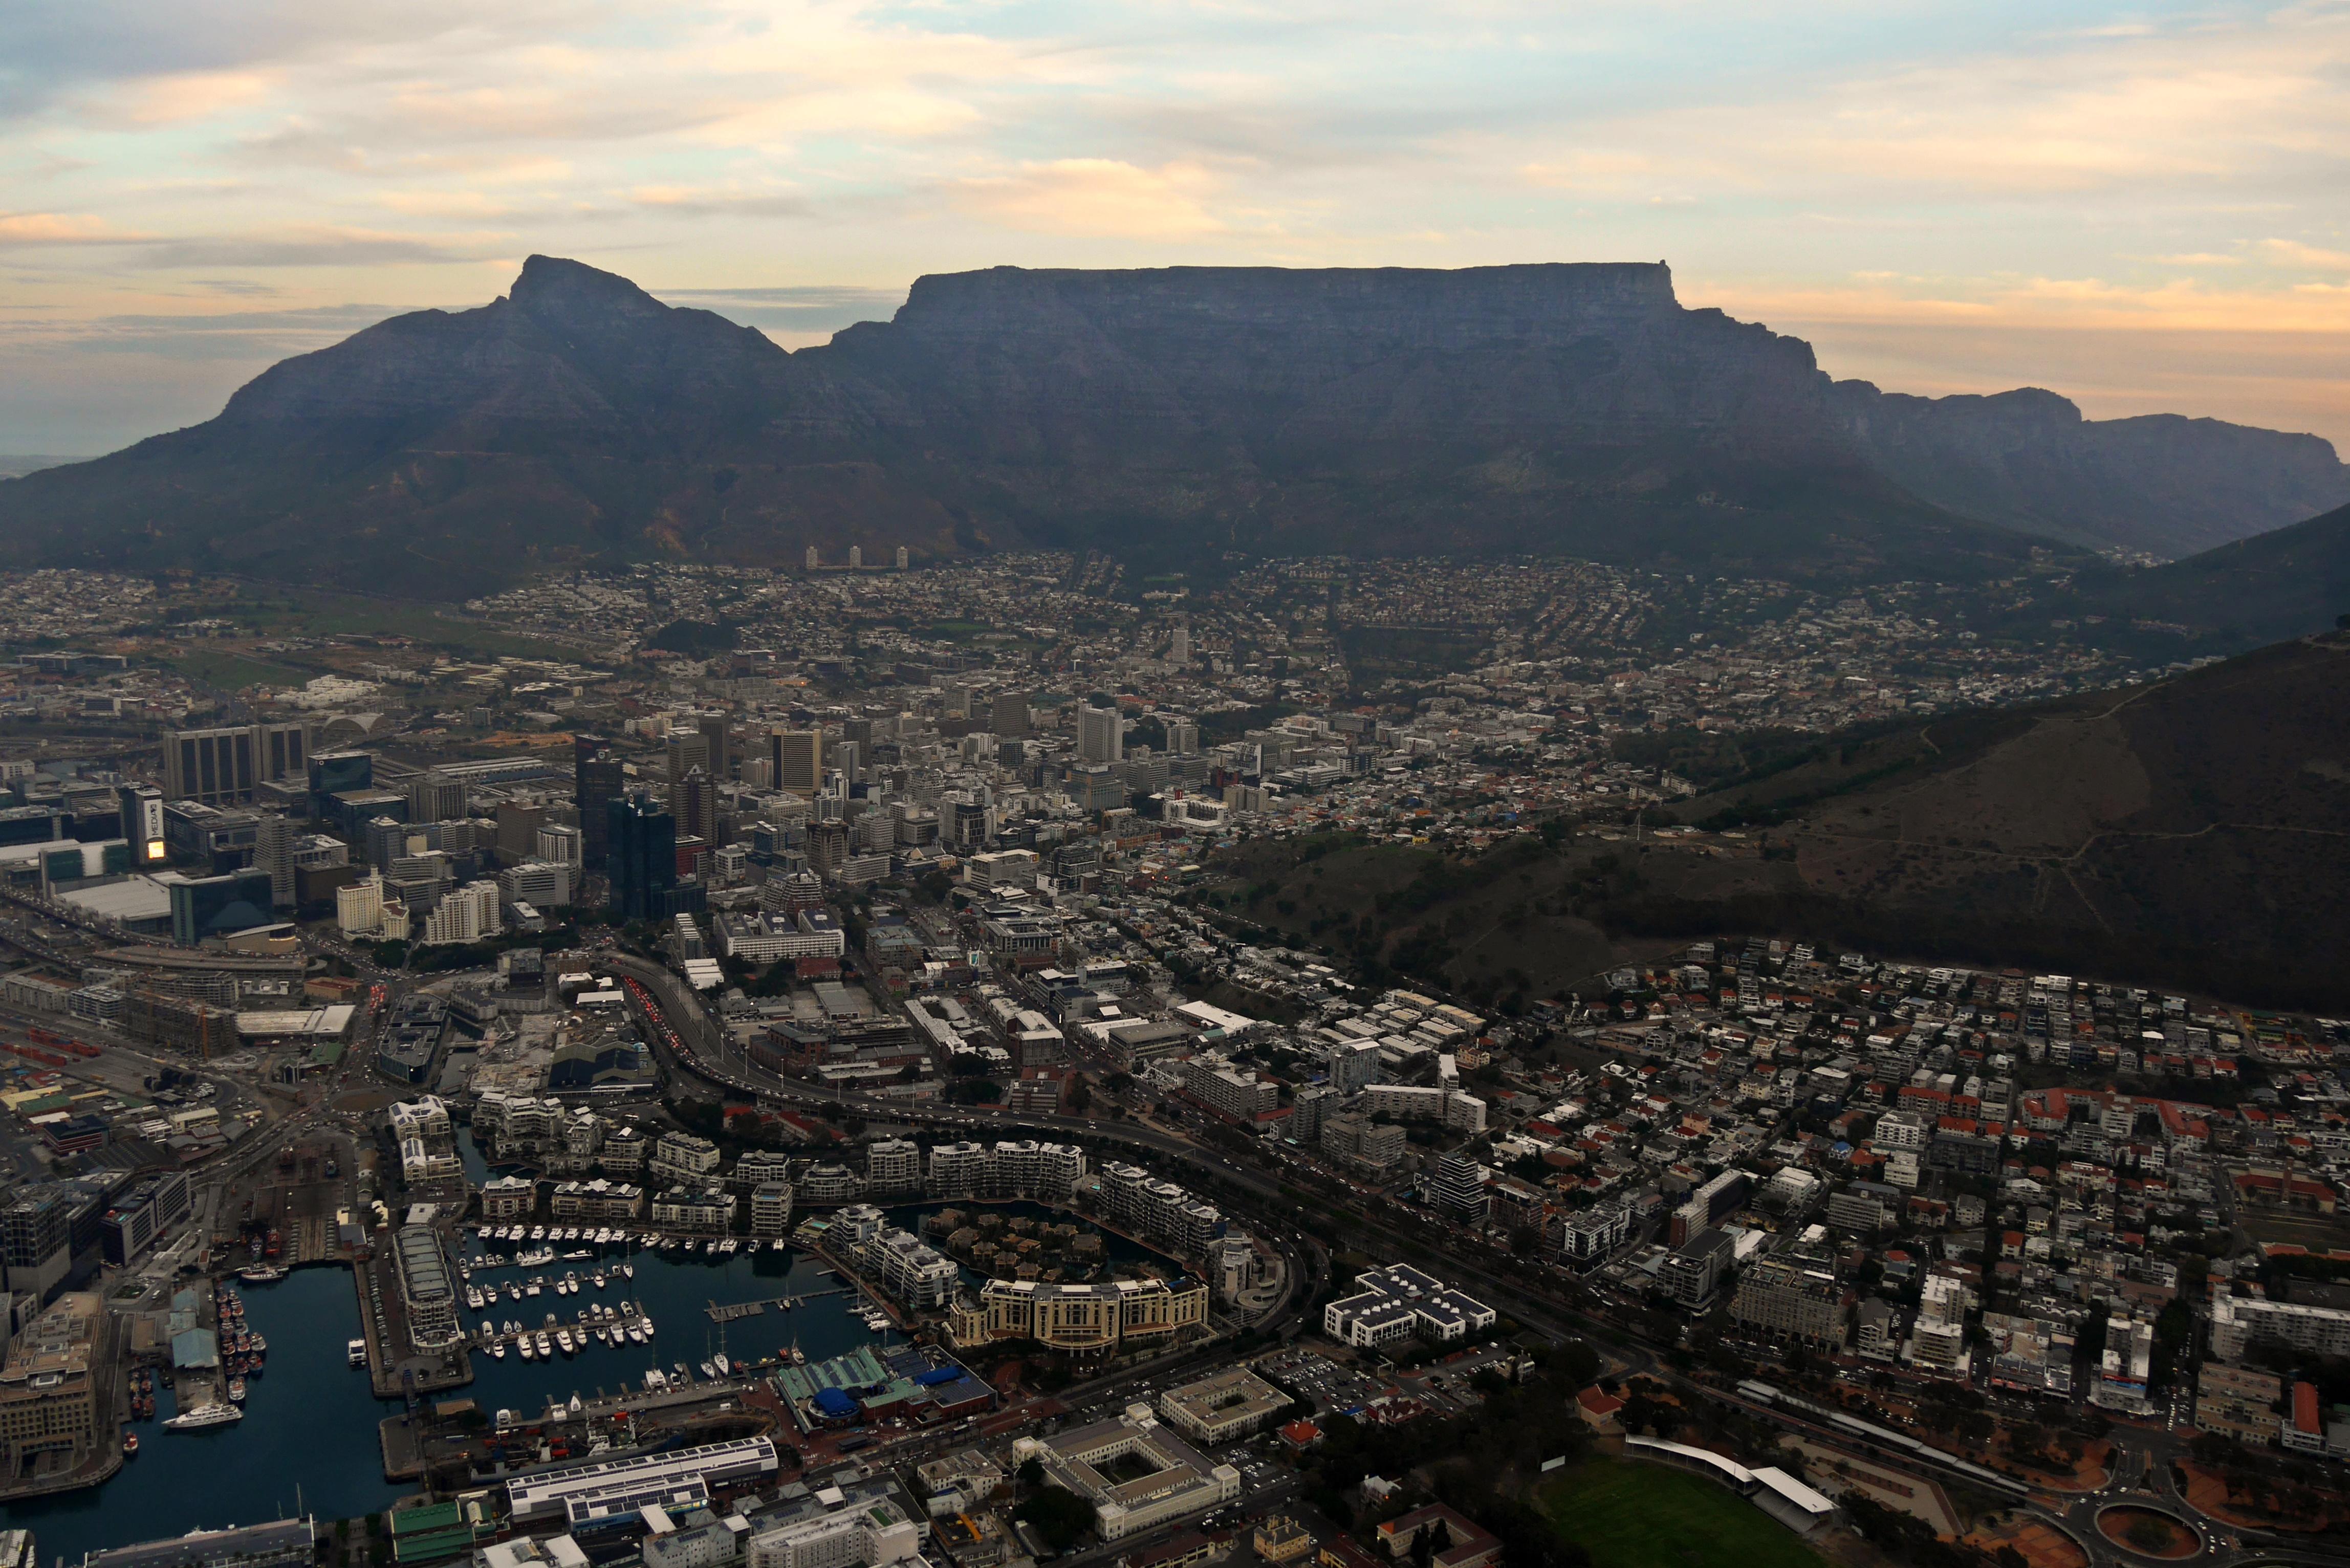 Blick aus dem Helikopter auf die City Bowl von Kapstadt